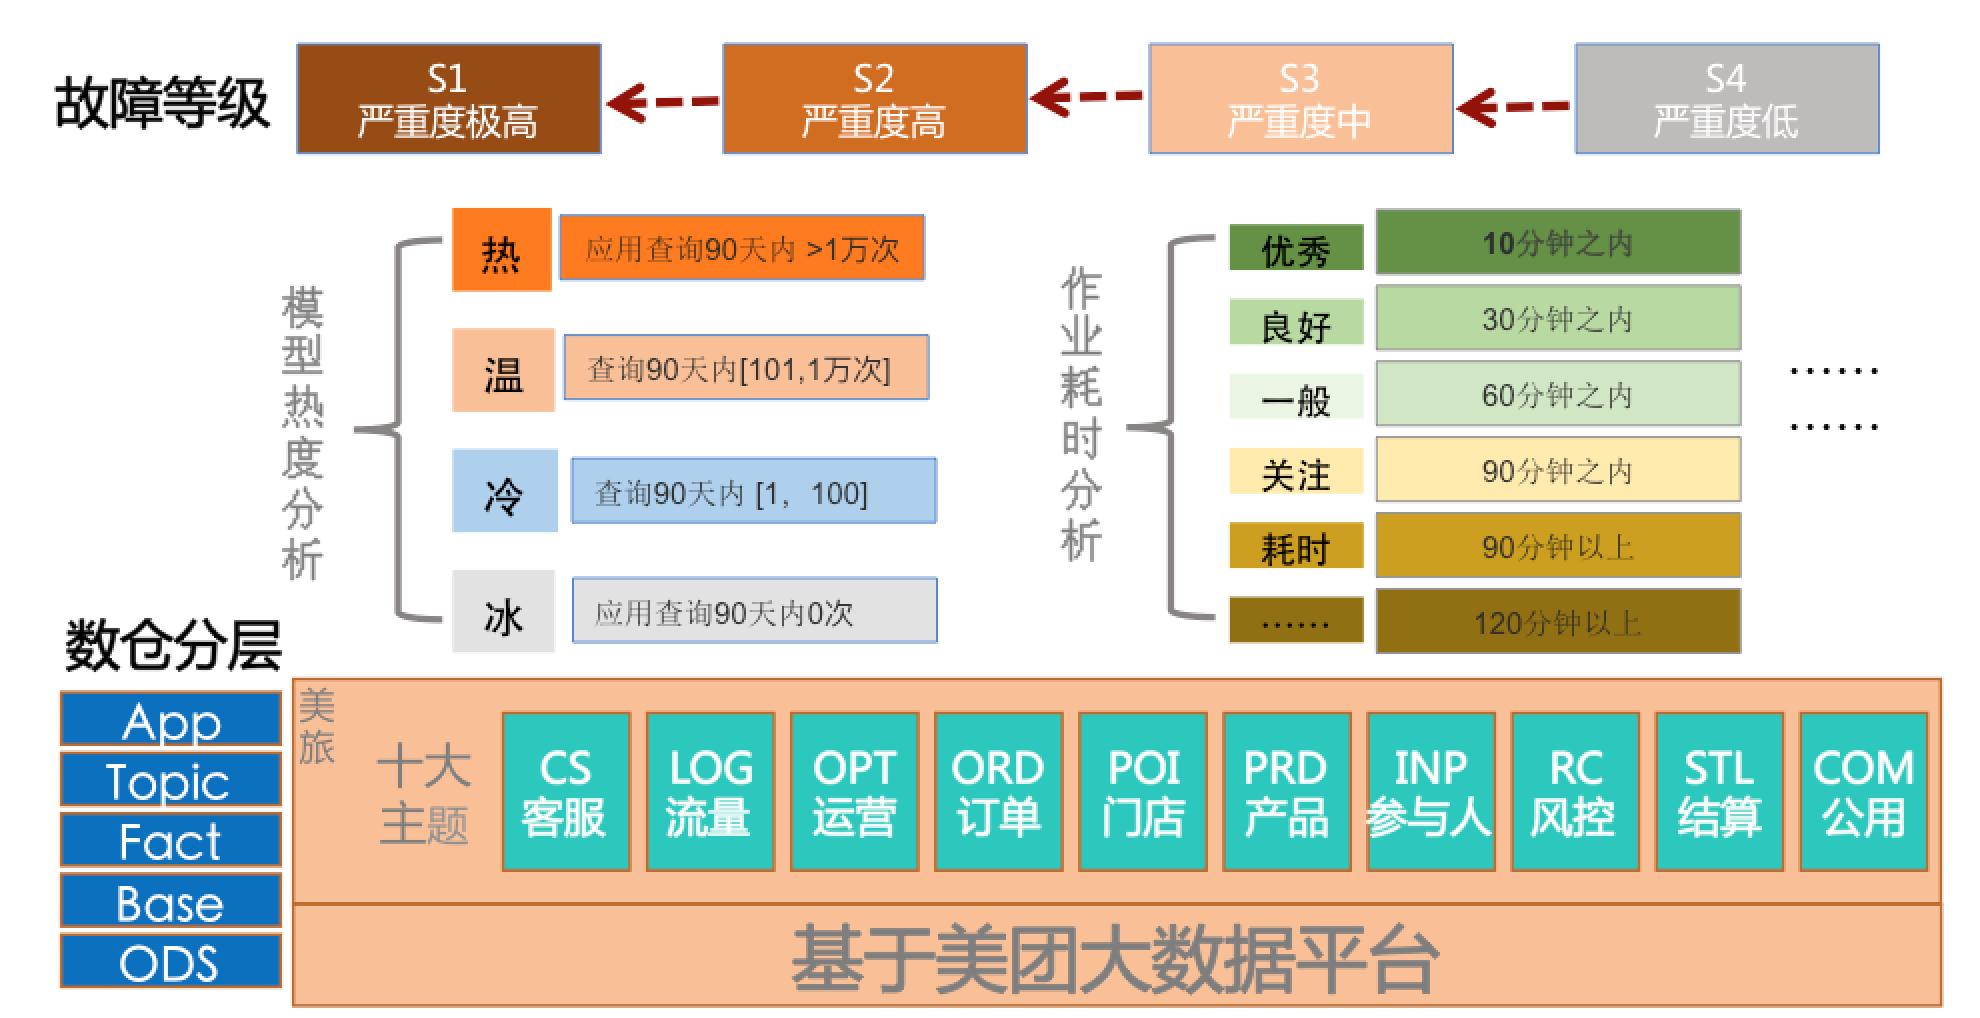 图3  质量检核标准图